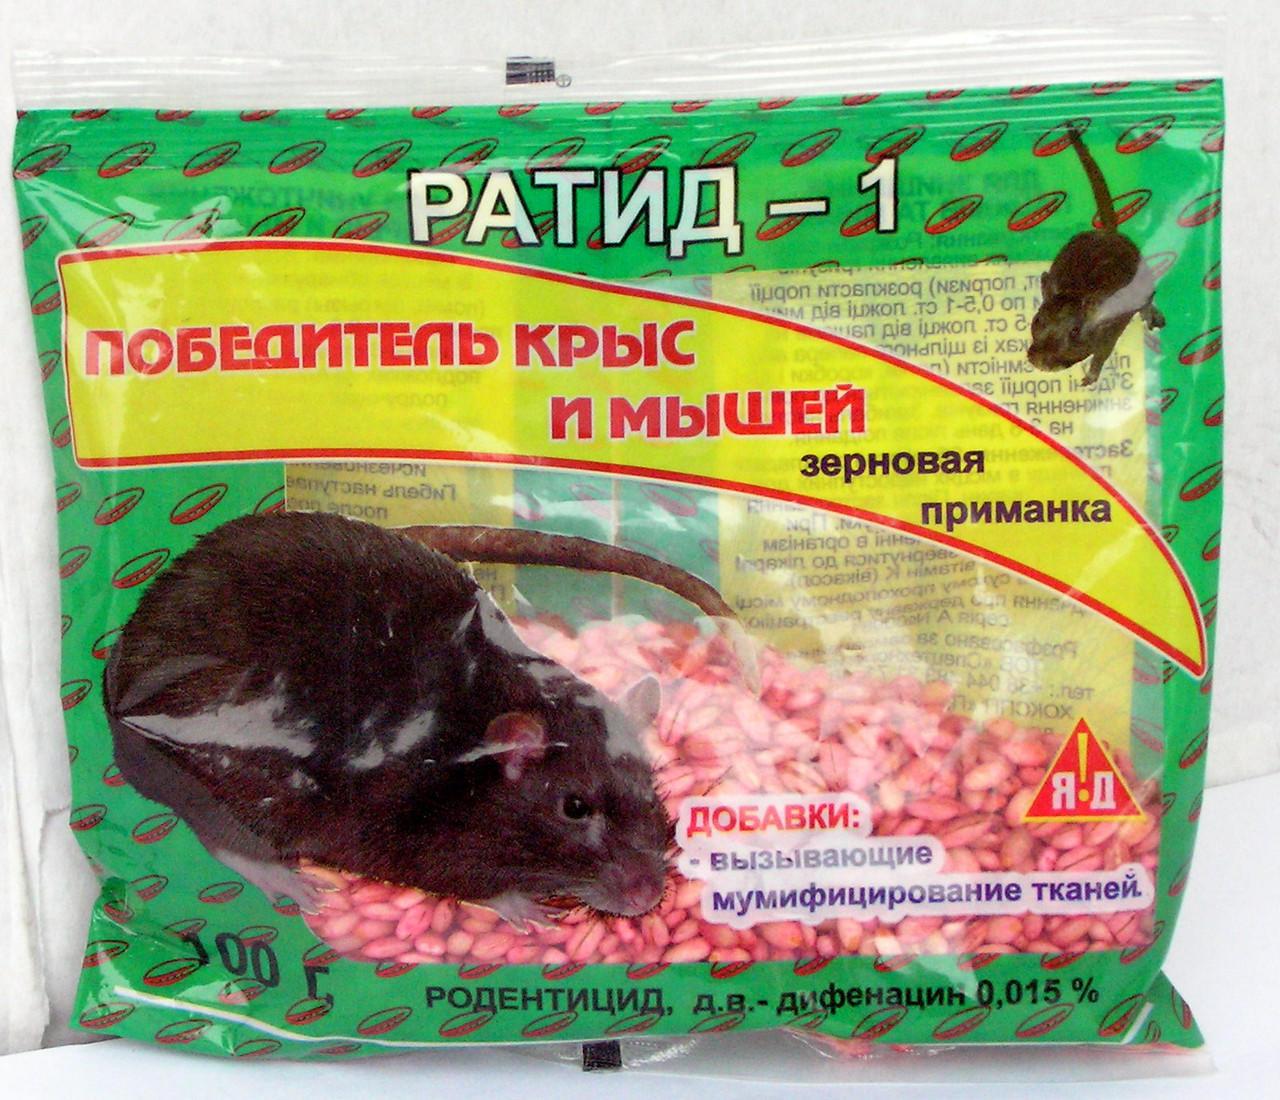 Эффективная зерновая приманка Ратид-1